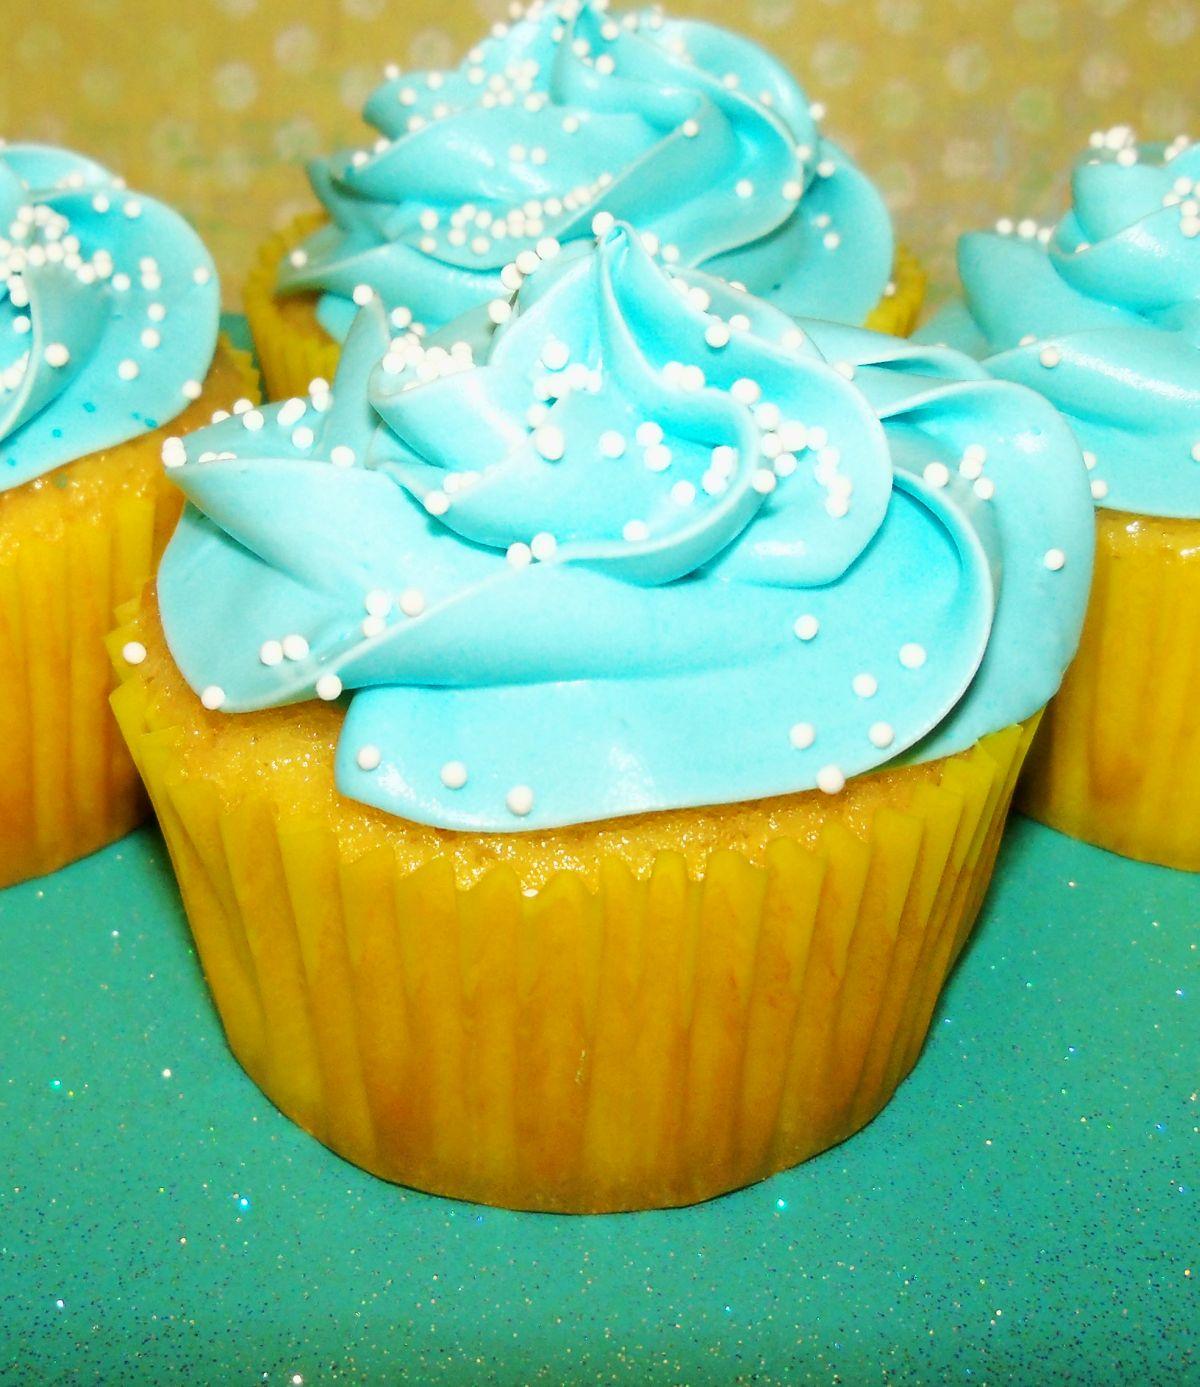 Cupcake Delivery Dallas | Birthday, Wedding Cupcakes Dallas, TX ...